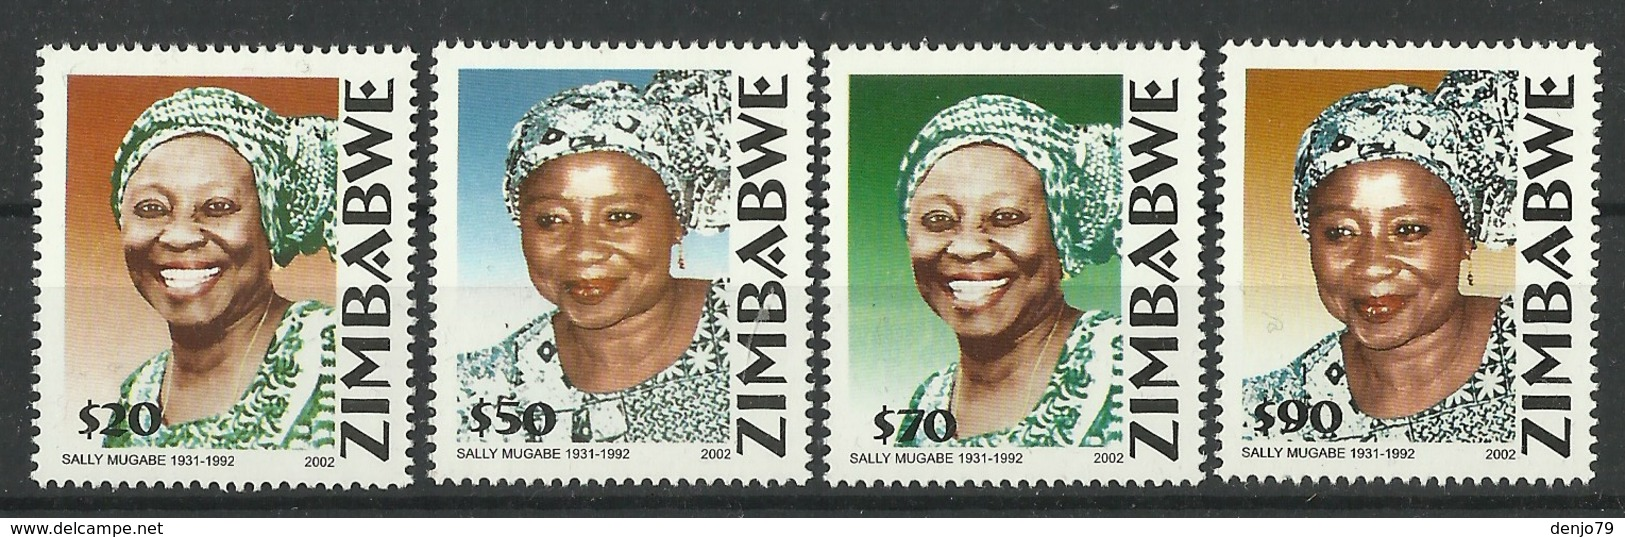 ZIMBABWE 2002 10th DEATH ANNIVERSARY OF SALLY MUGABE SET MNH - Zimbabwe (1980-...)